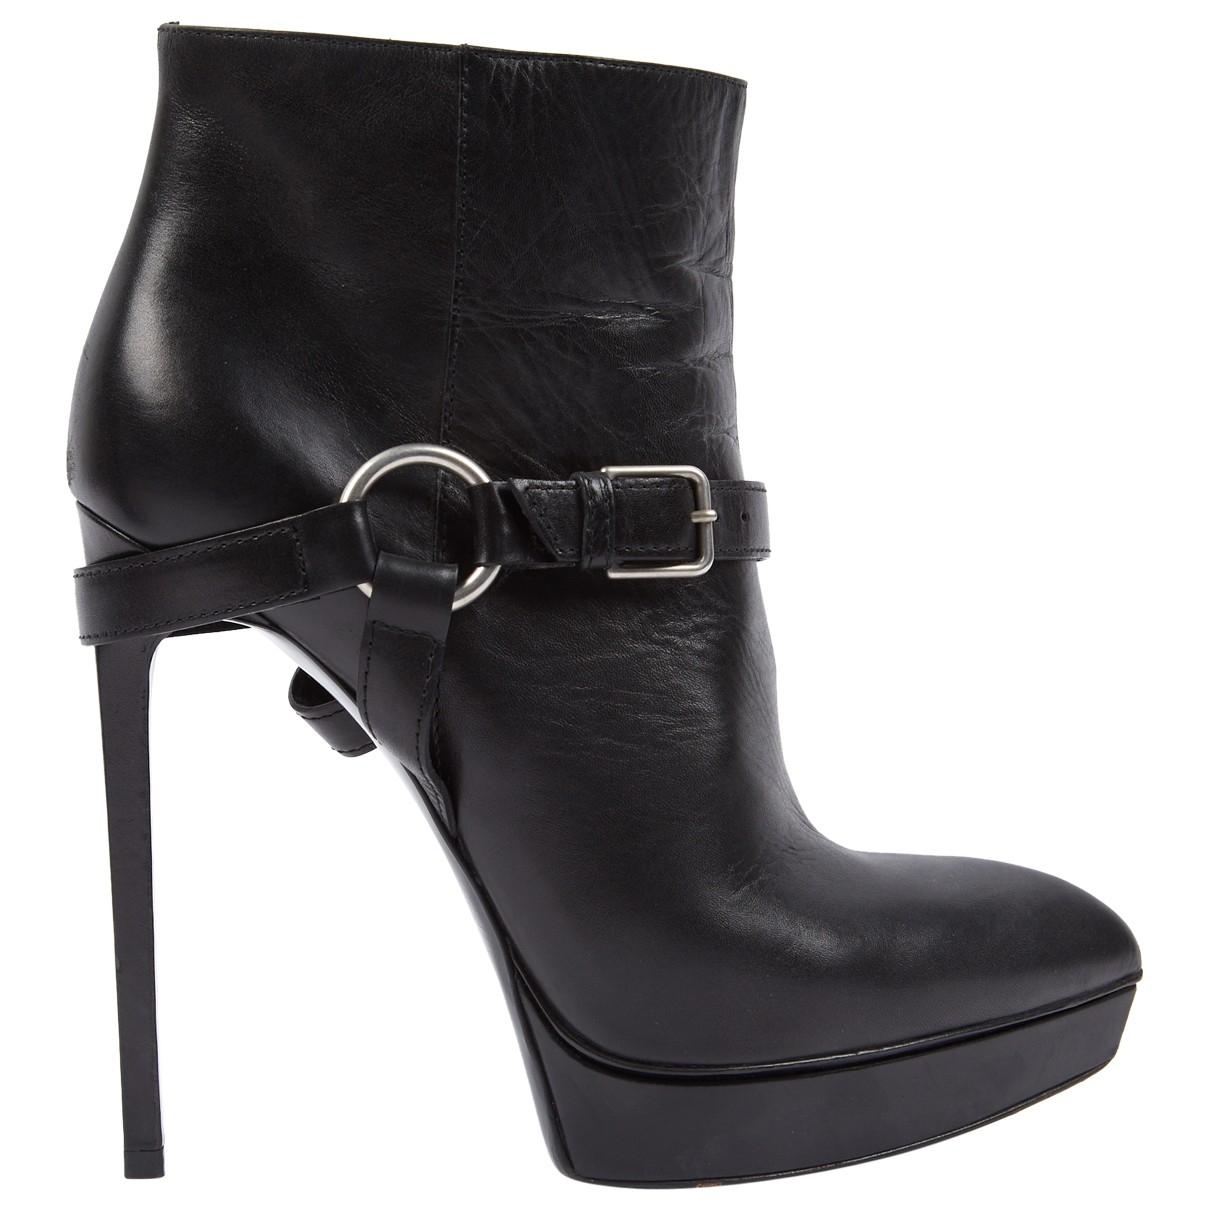 Saint Laurent \N Black Leather Ankle boots for Women 40 EU